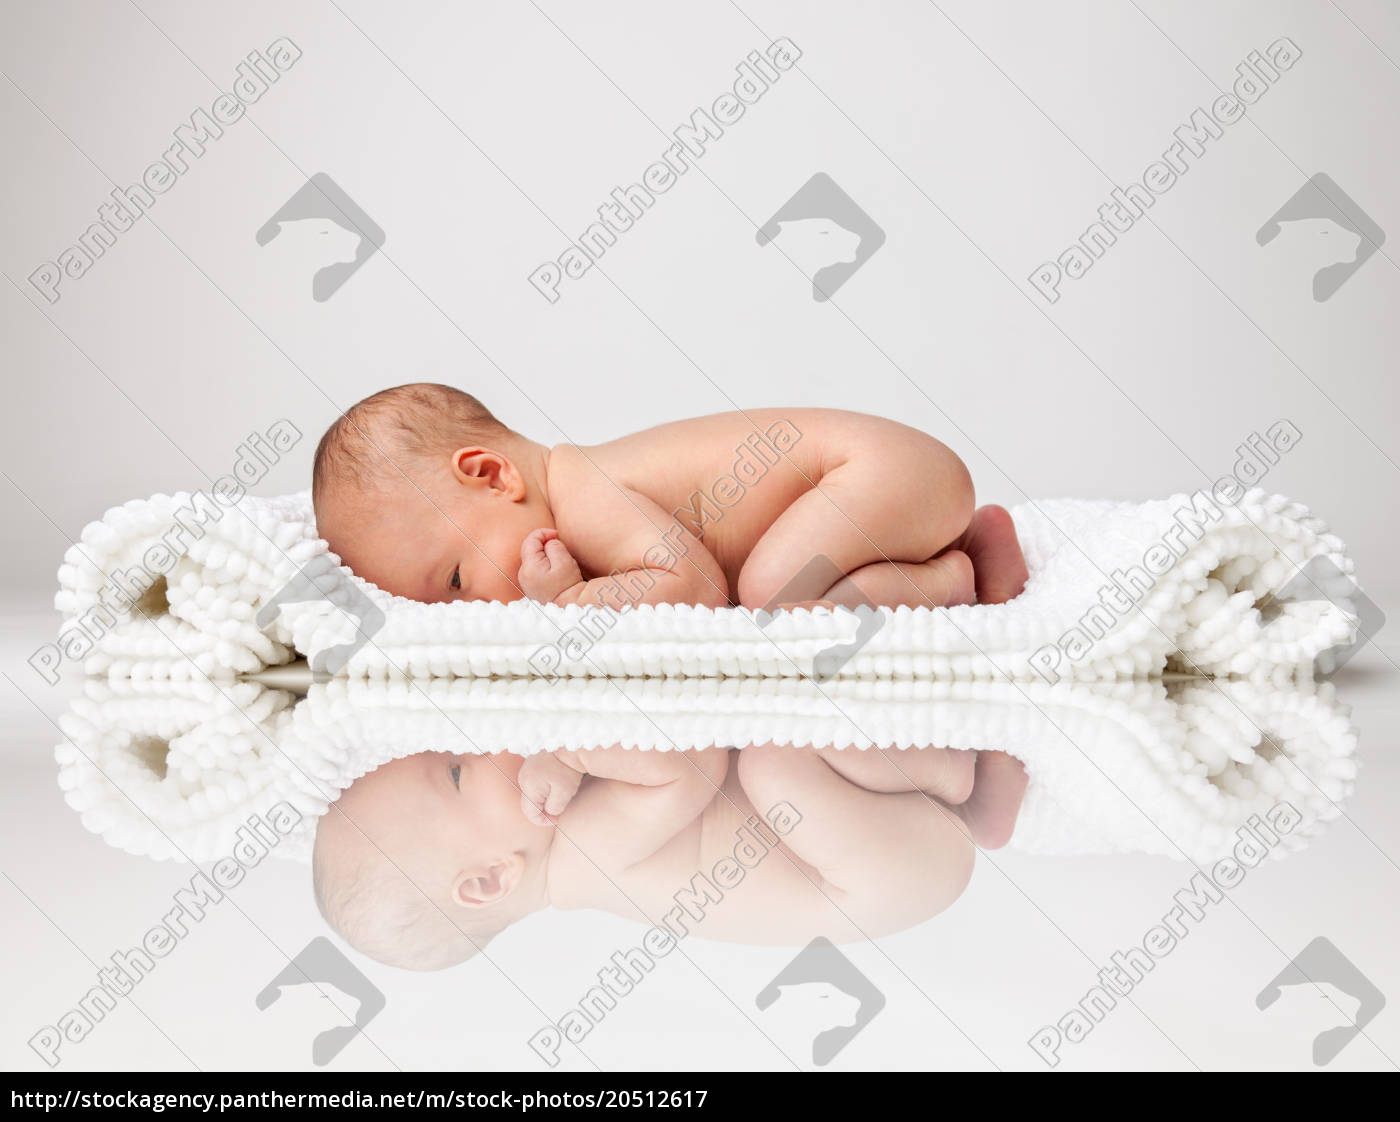 cute, newborn, baby, lying, on, a - 20512617